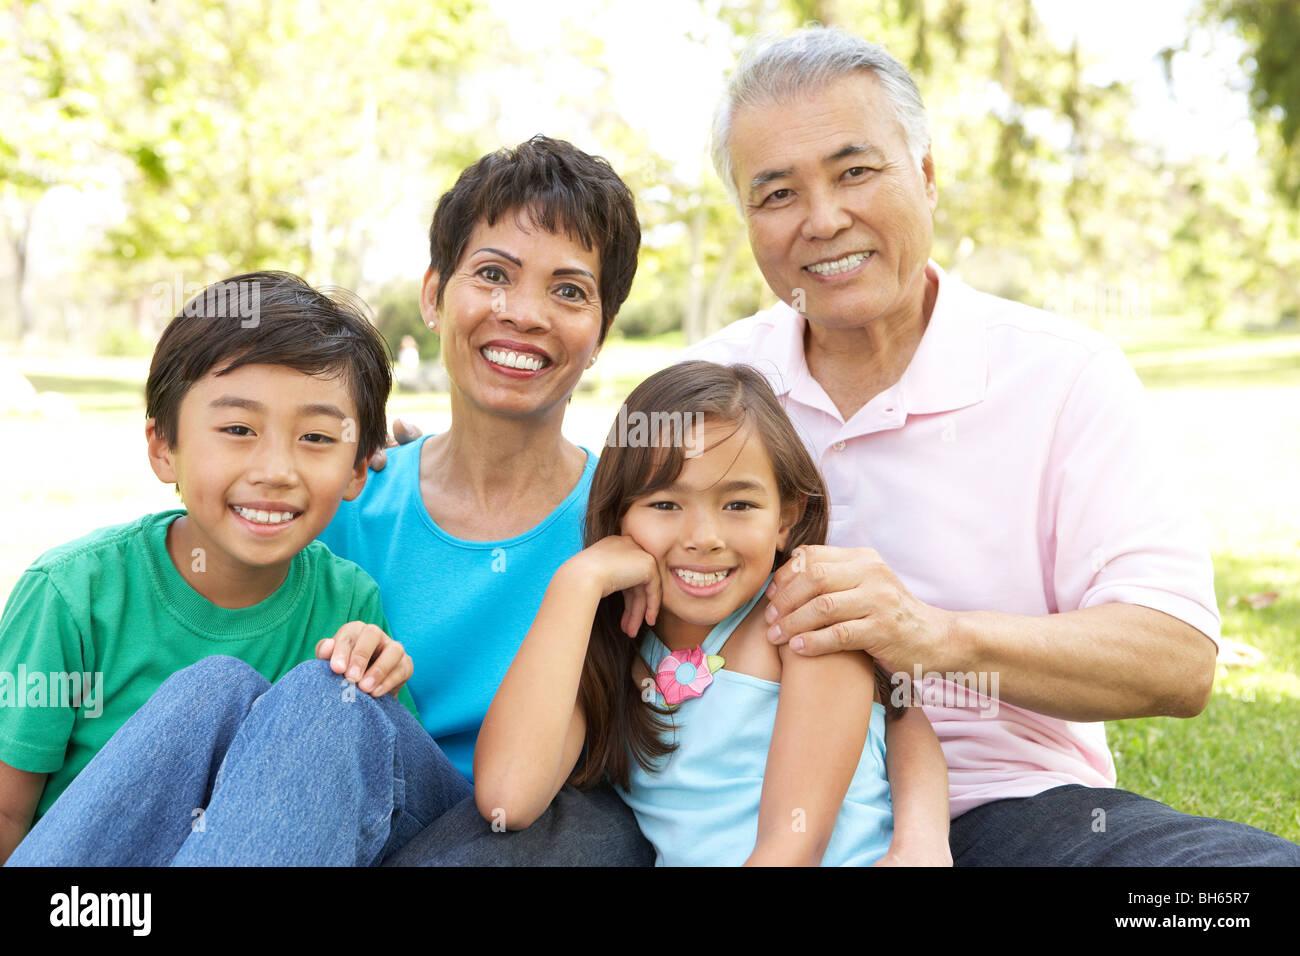 Porträt von Großeltern mit Enkeln im Park Stockfoto